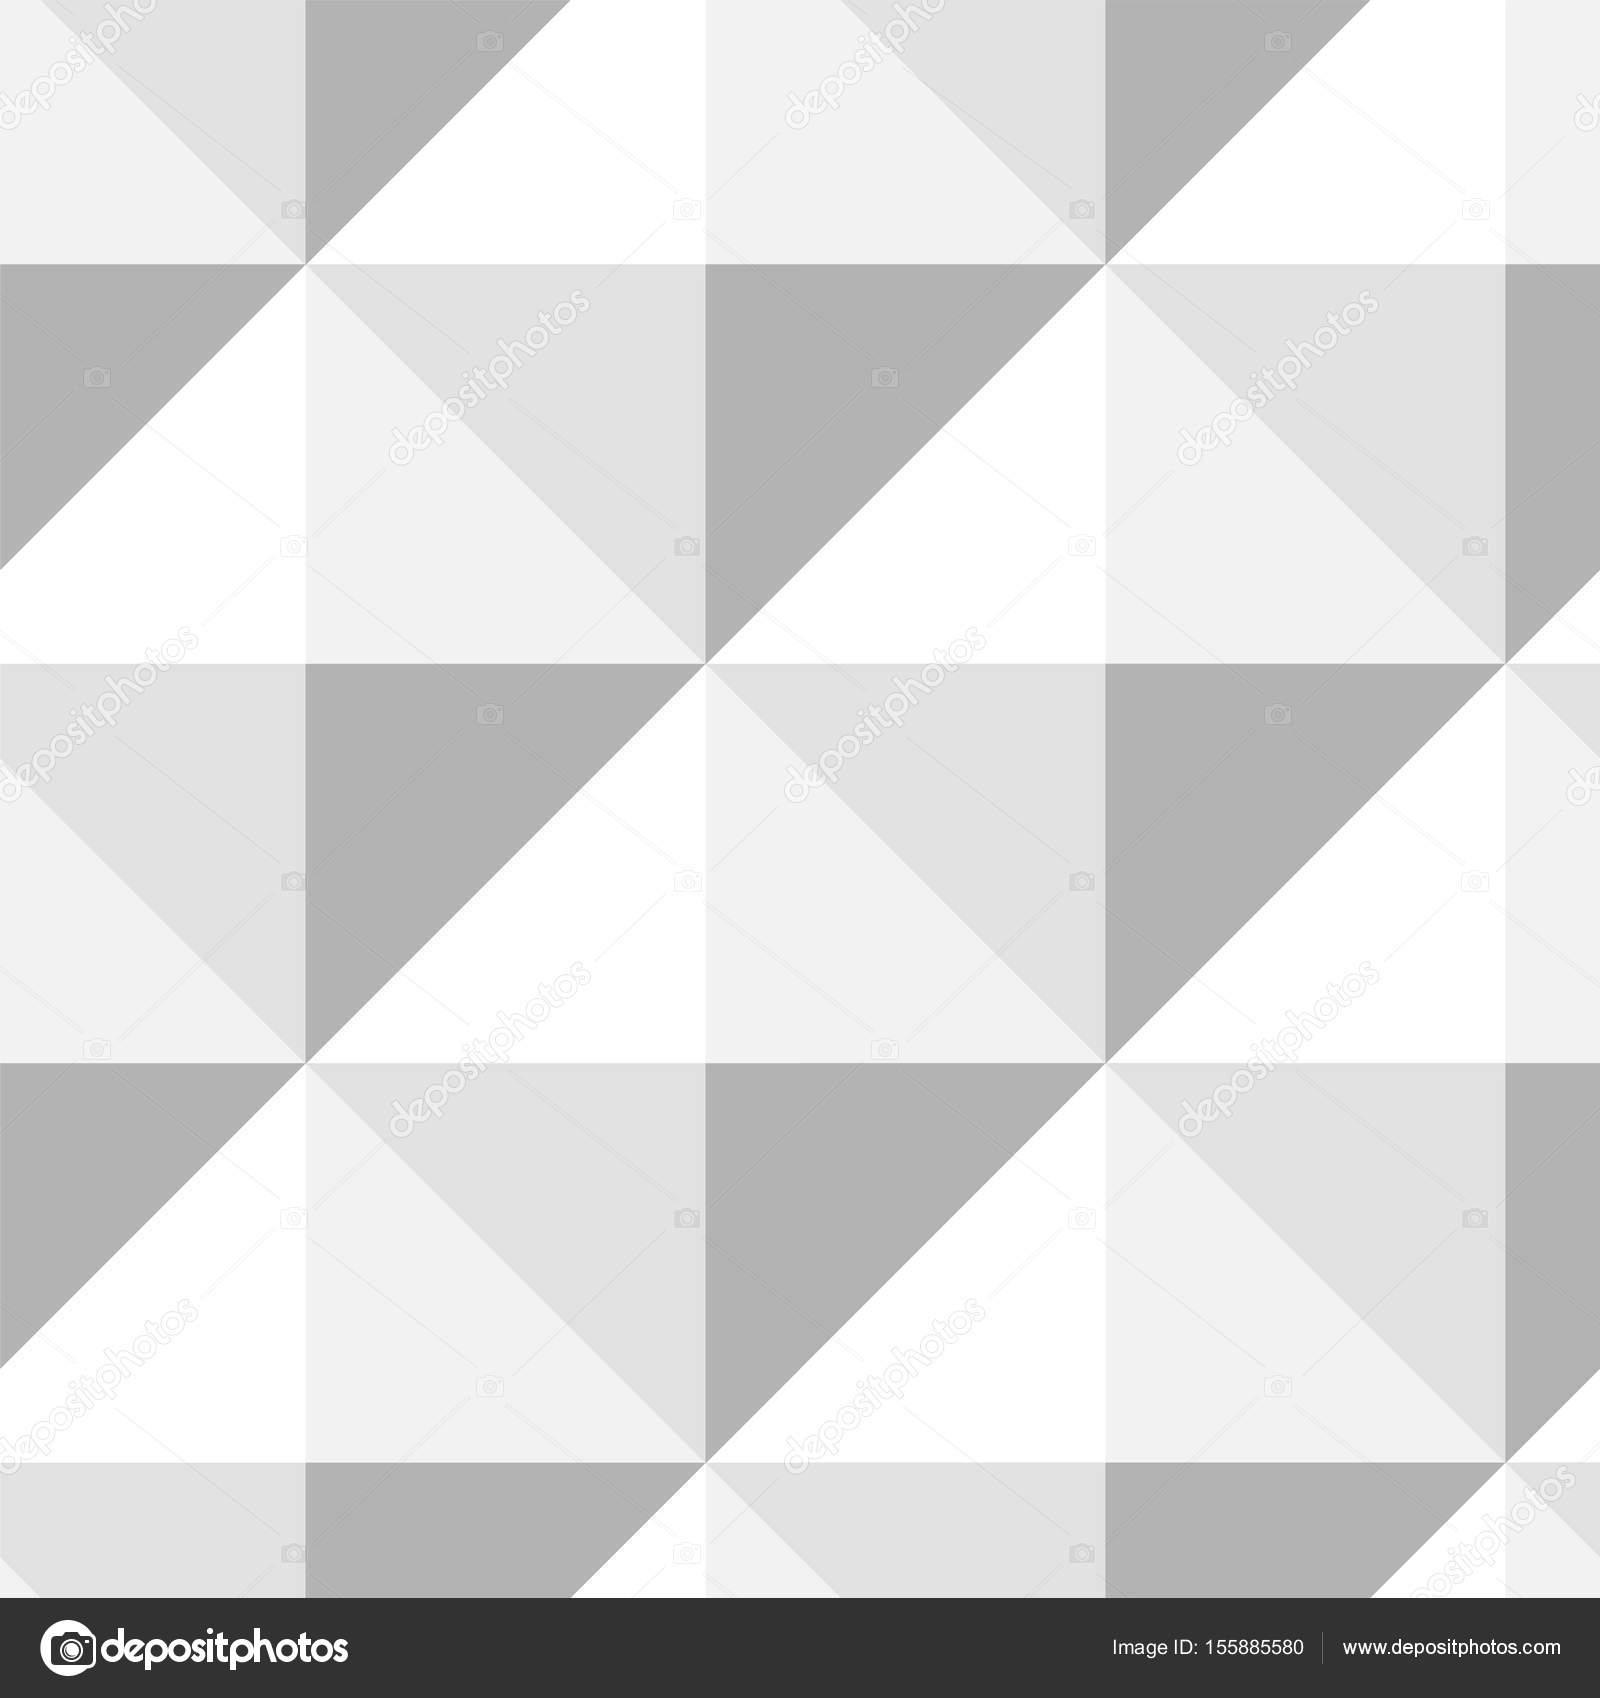 Pyramiden Sie Muster Nahtlose Design In Grau   Weiße Farbe. Closeup  Vektorgrafik Schönen Hintergrundstoff Papier Tapete, Kreatives Design  Monochrome ...